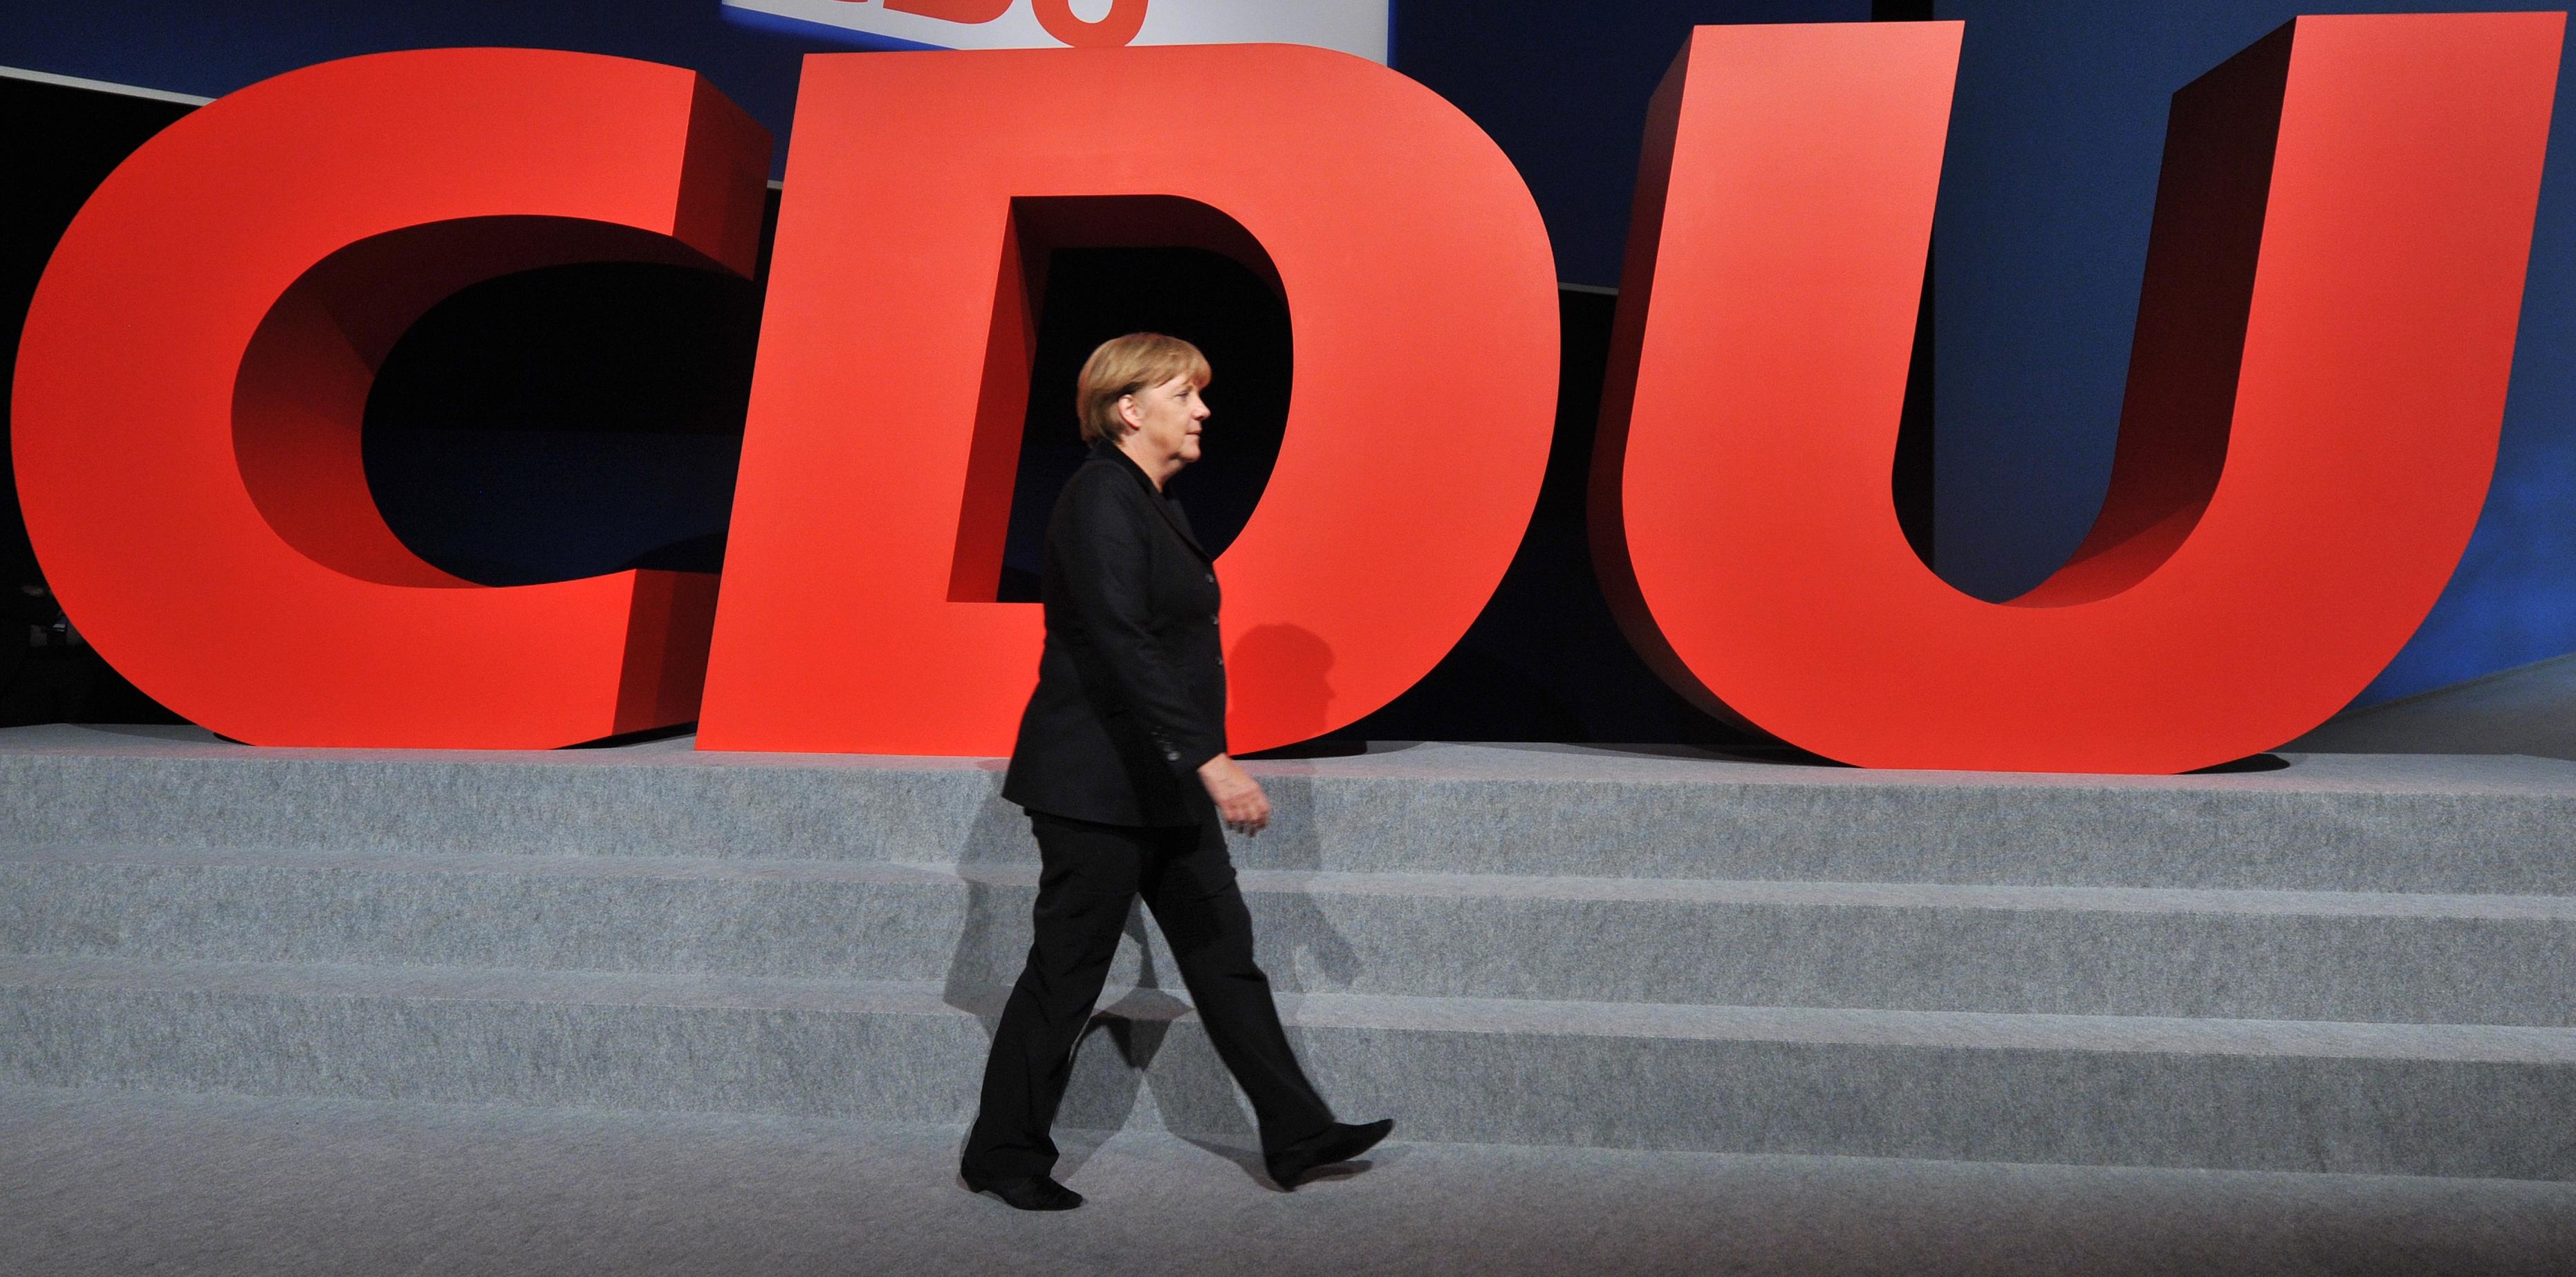 Die Zukunft der Volkspartei CDU nach Angela Merkel